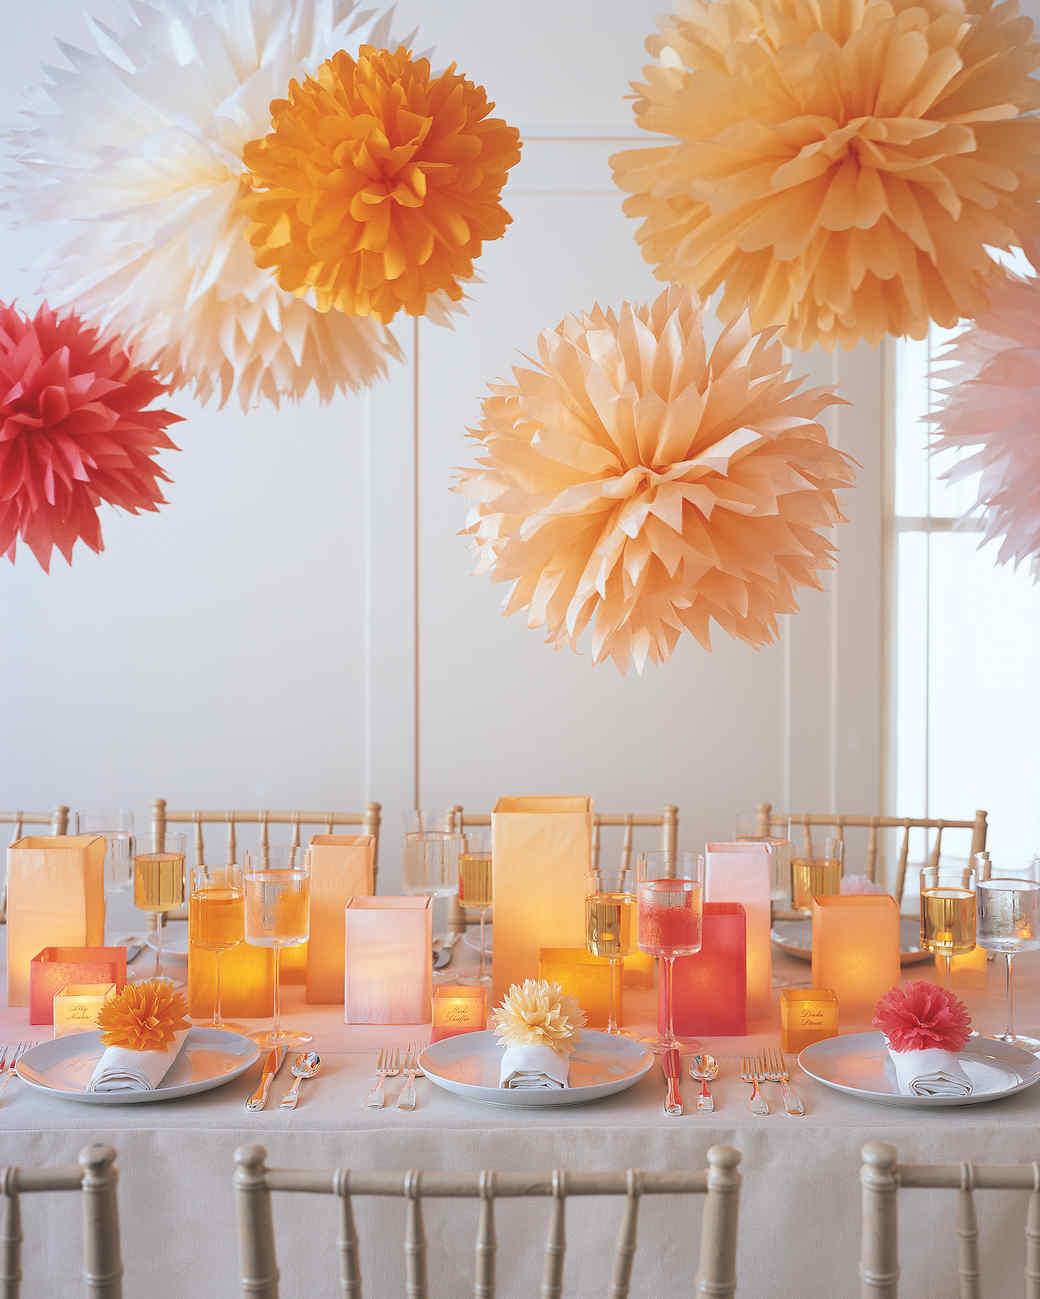 & Kidsu0027 Party Decorations | Martha Stewart